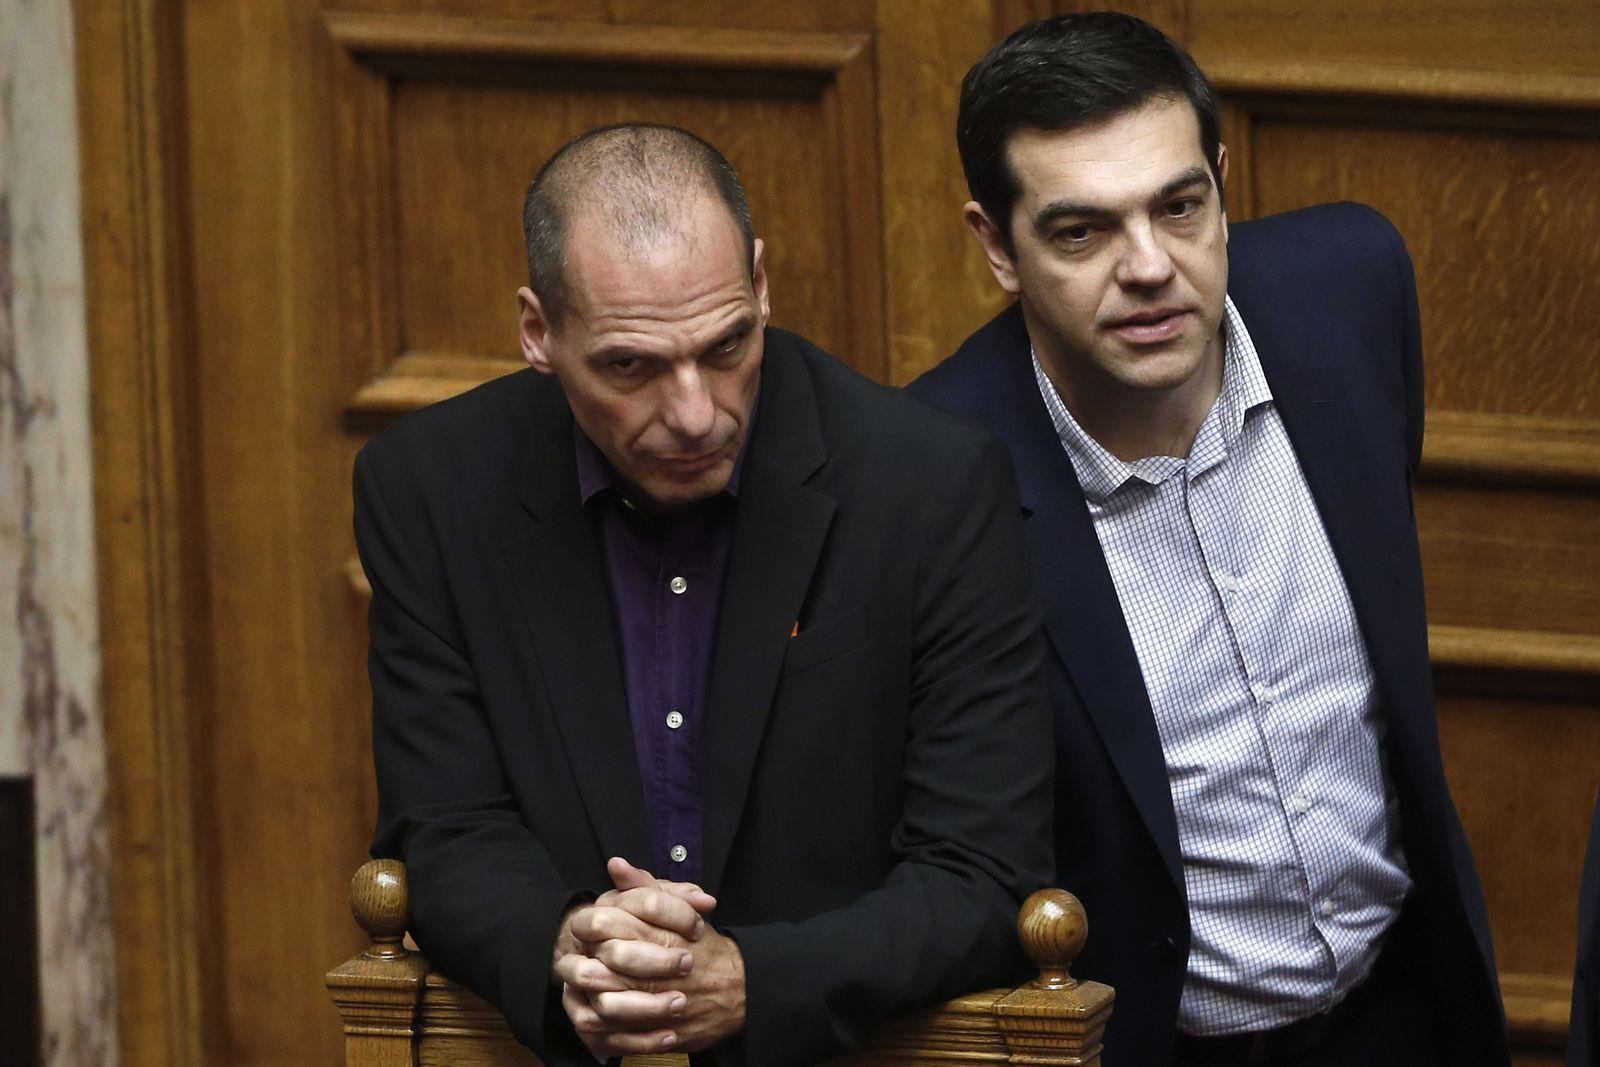 Varoufakis/Tsipras